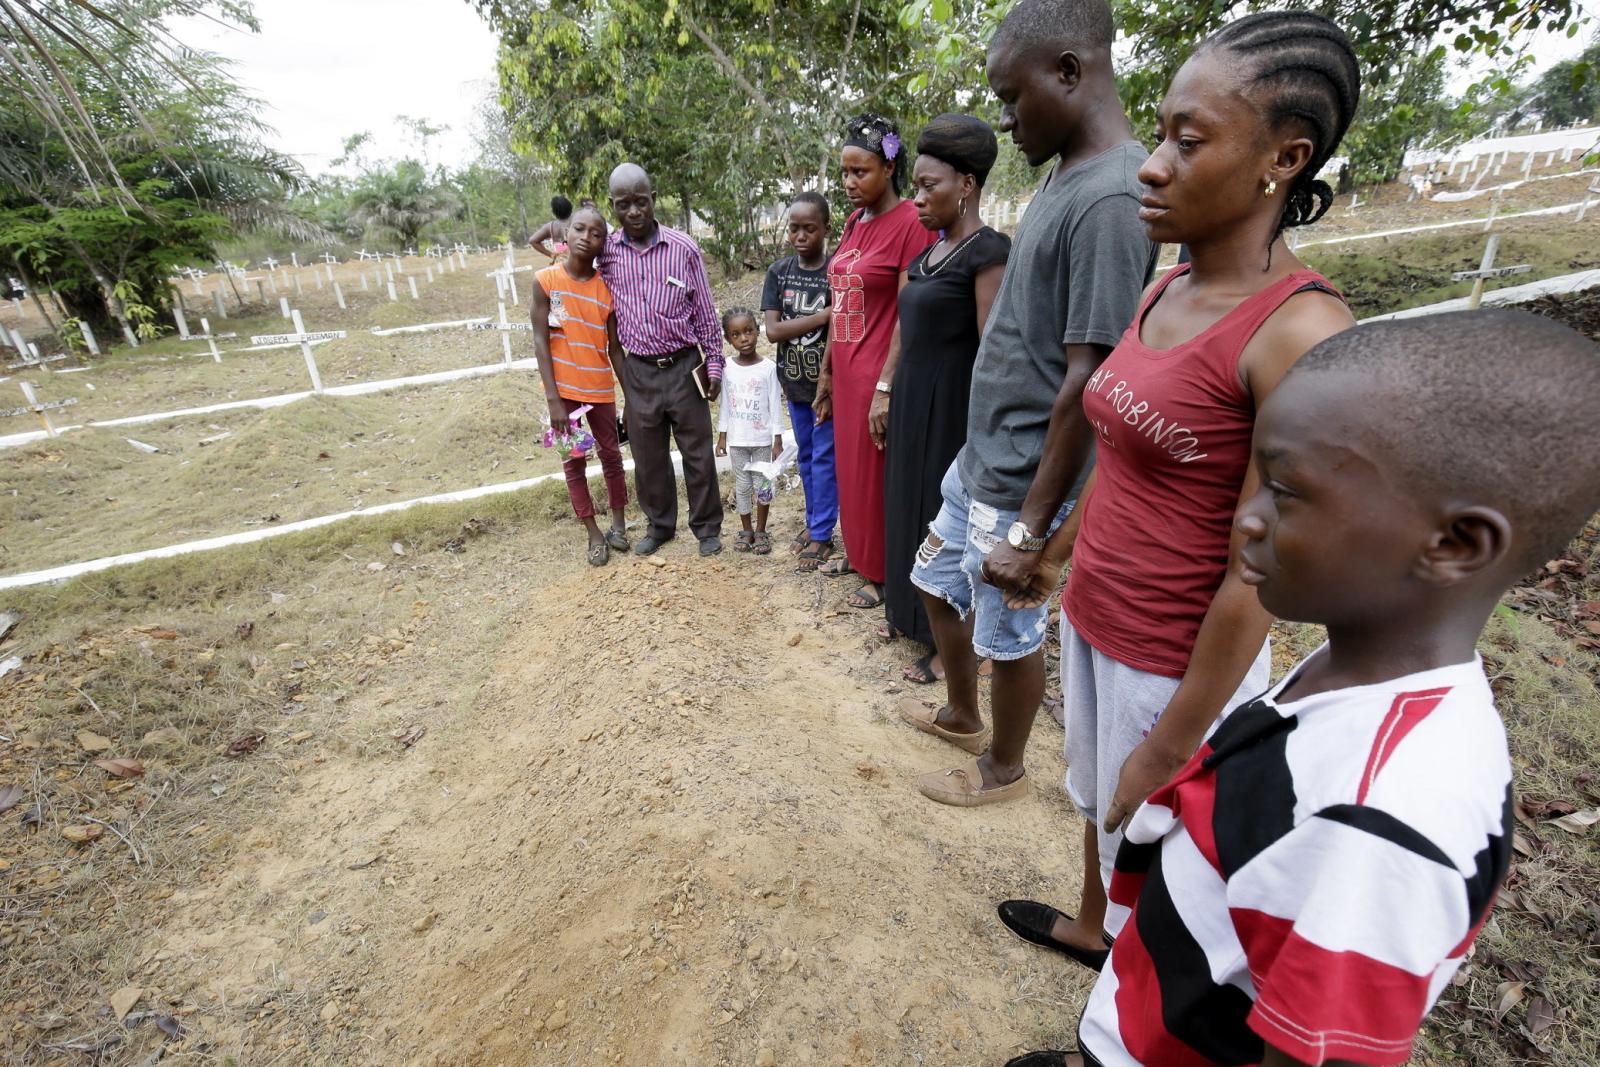 Narodowy Dzień Pamięci w Liberii. Fot. PAP/EPA/AHMED JALLANZO